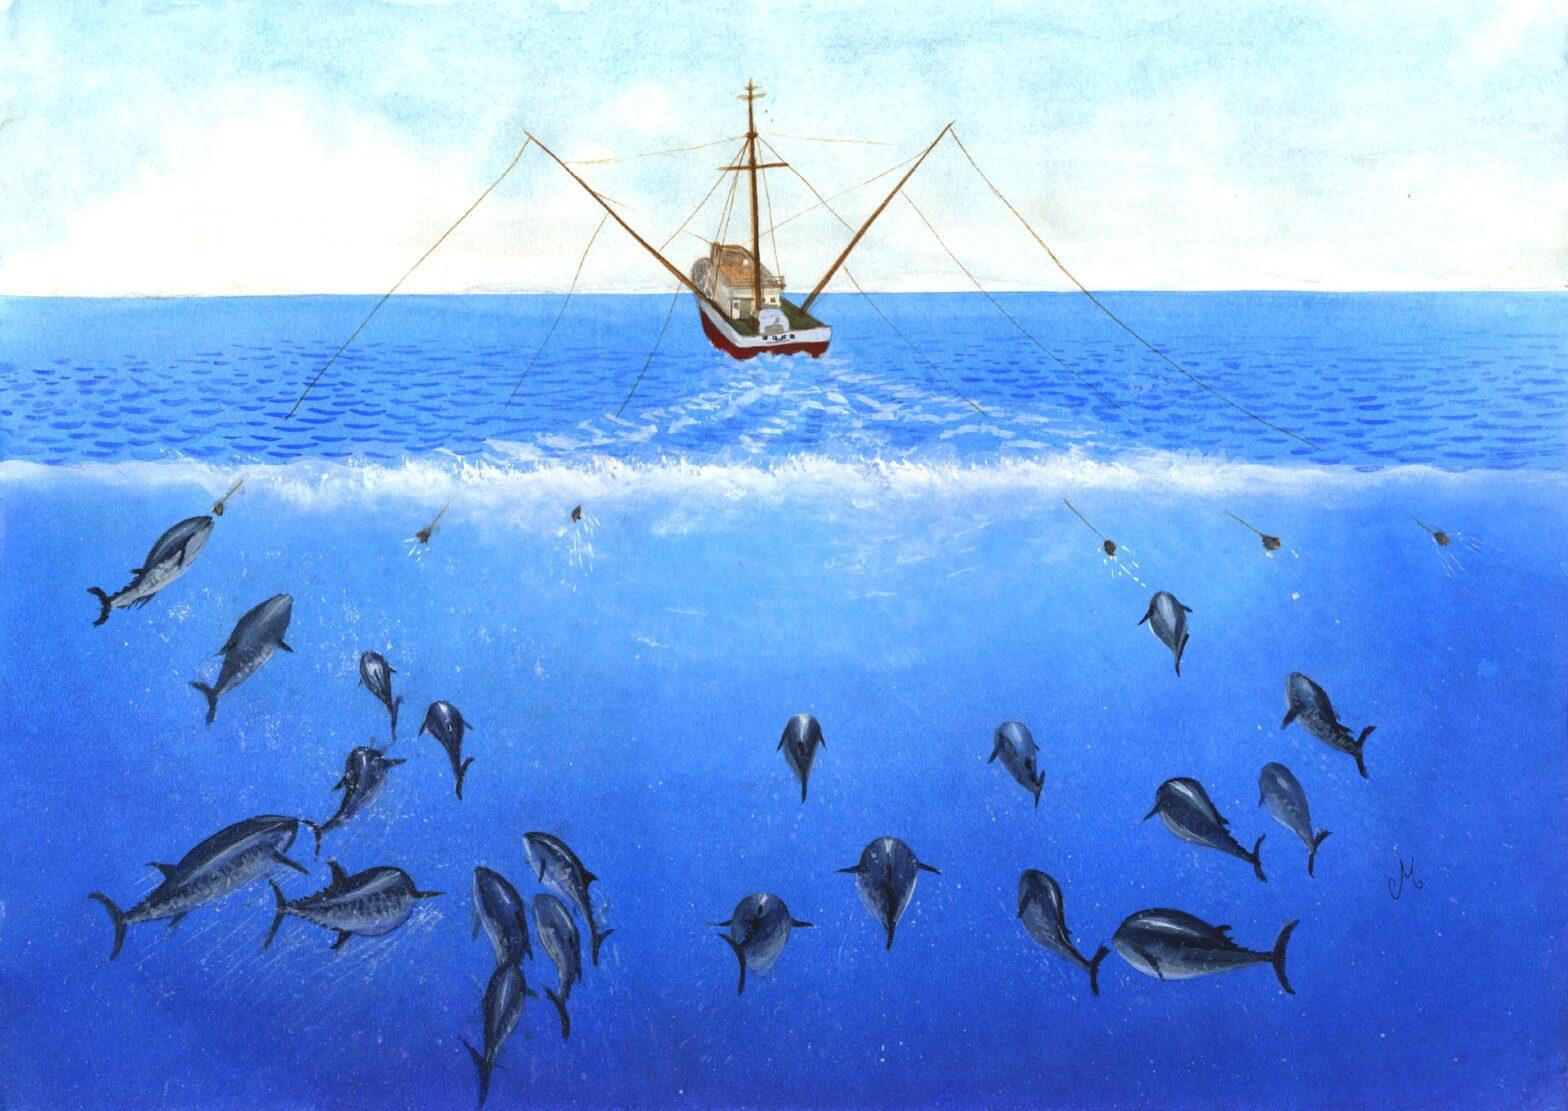 Ein Fischkutter zieht lange Trolling-Leinen hinter sich her, unter Wasser sammeln sich Thunfische, die in Begriff sind anzubeißen